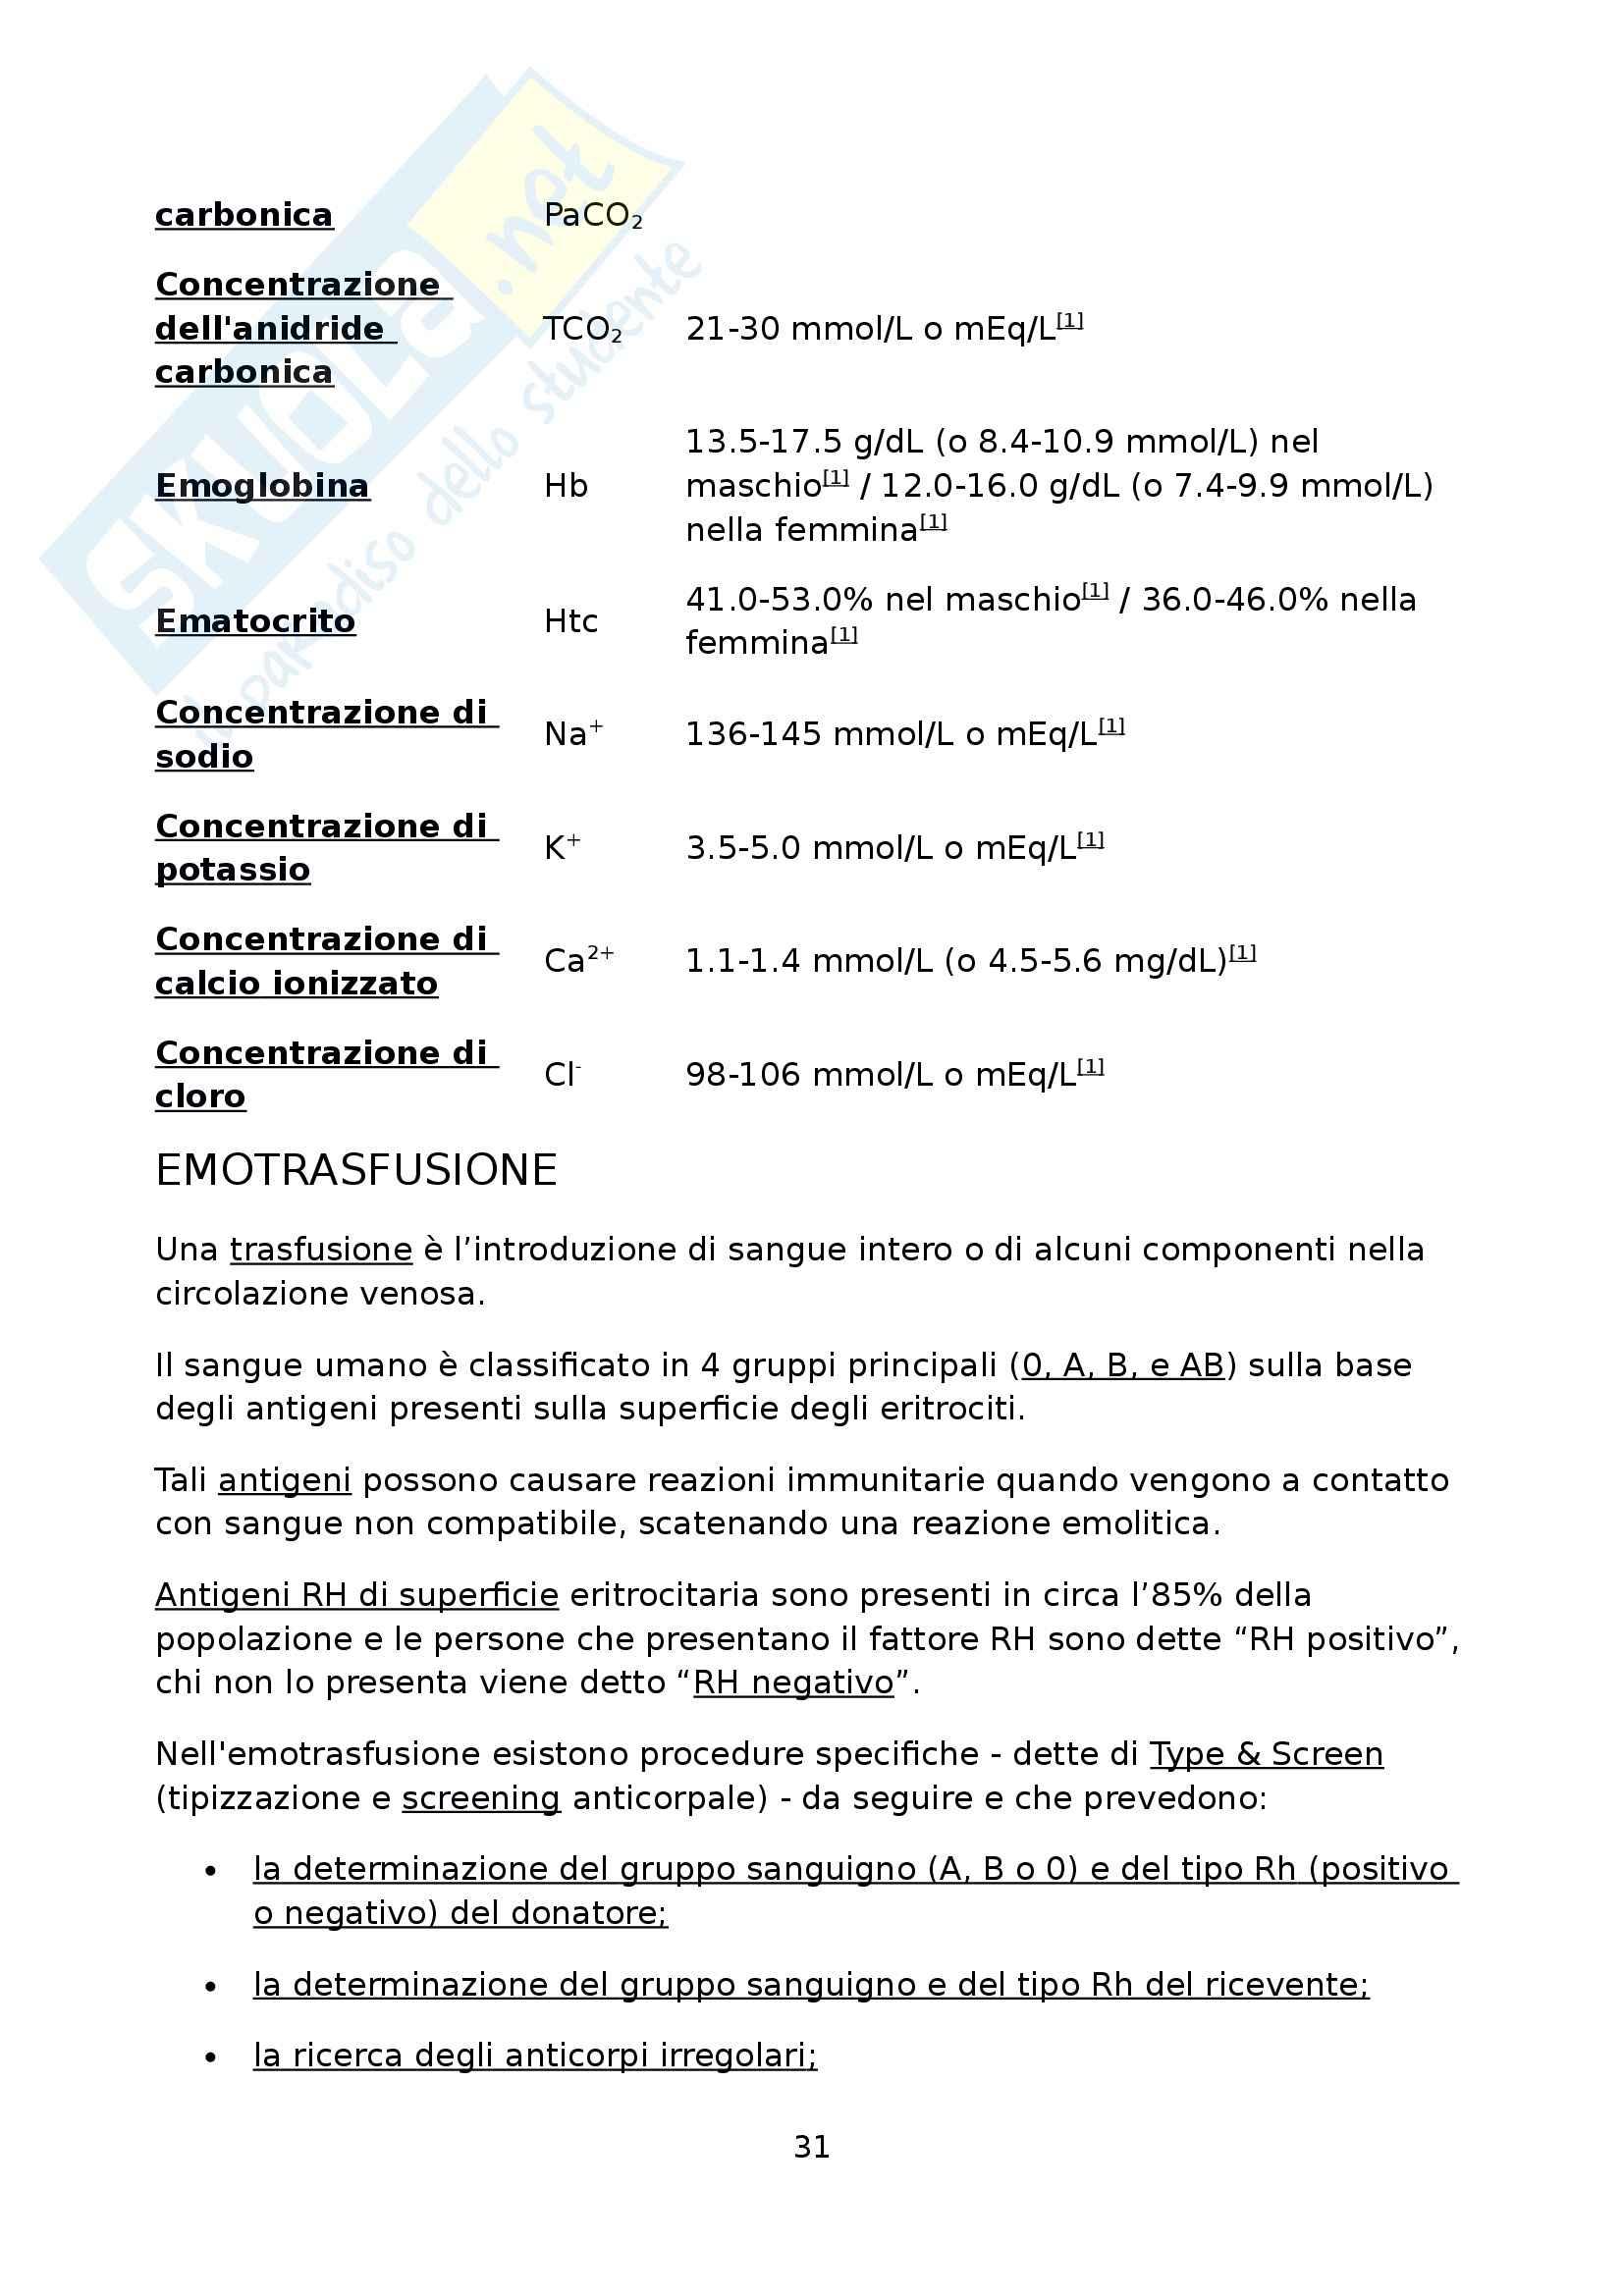 Tirocinio terzo anno - Relazione Pag. 31